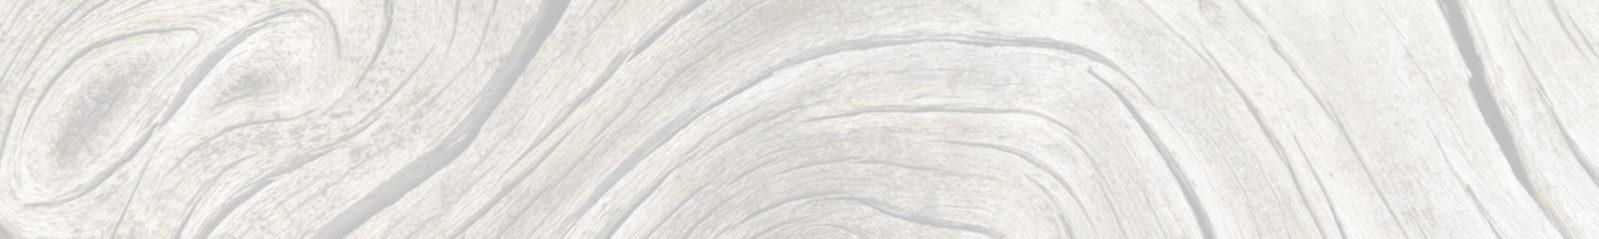 Grabouille - Artisan du bois